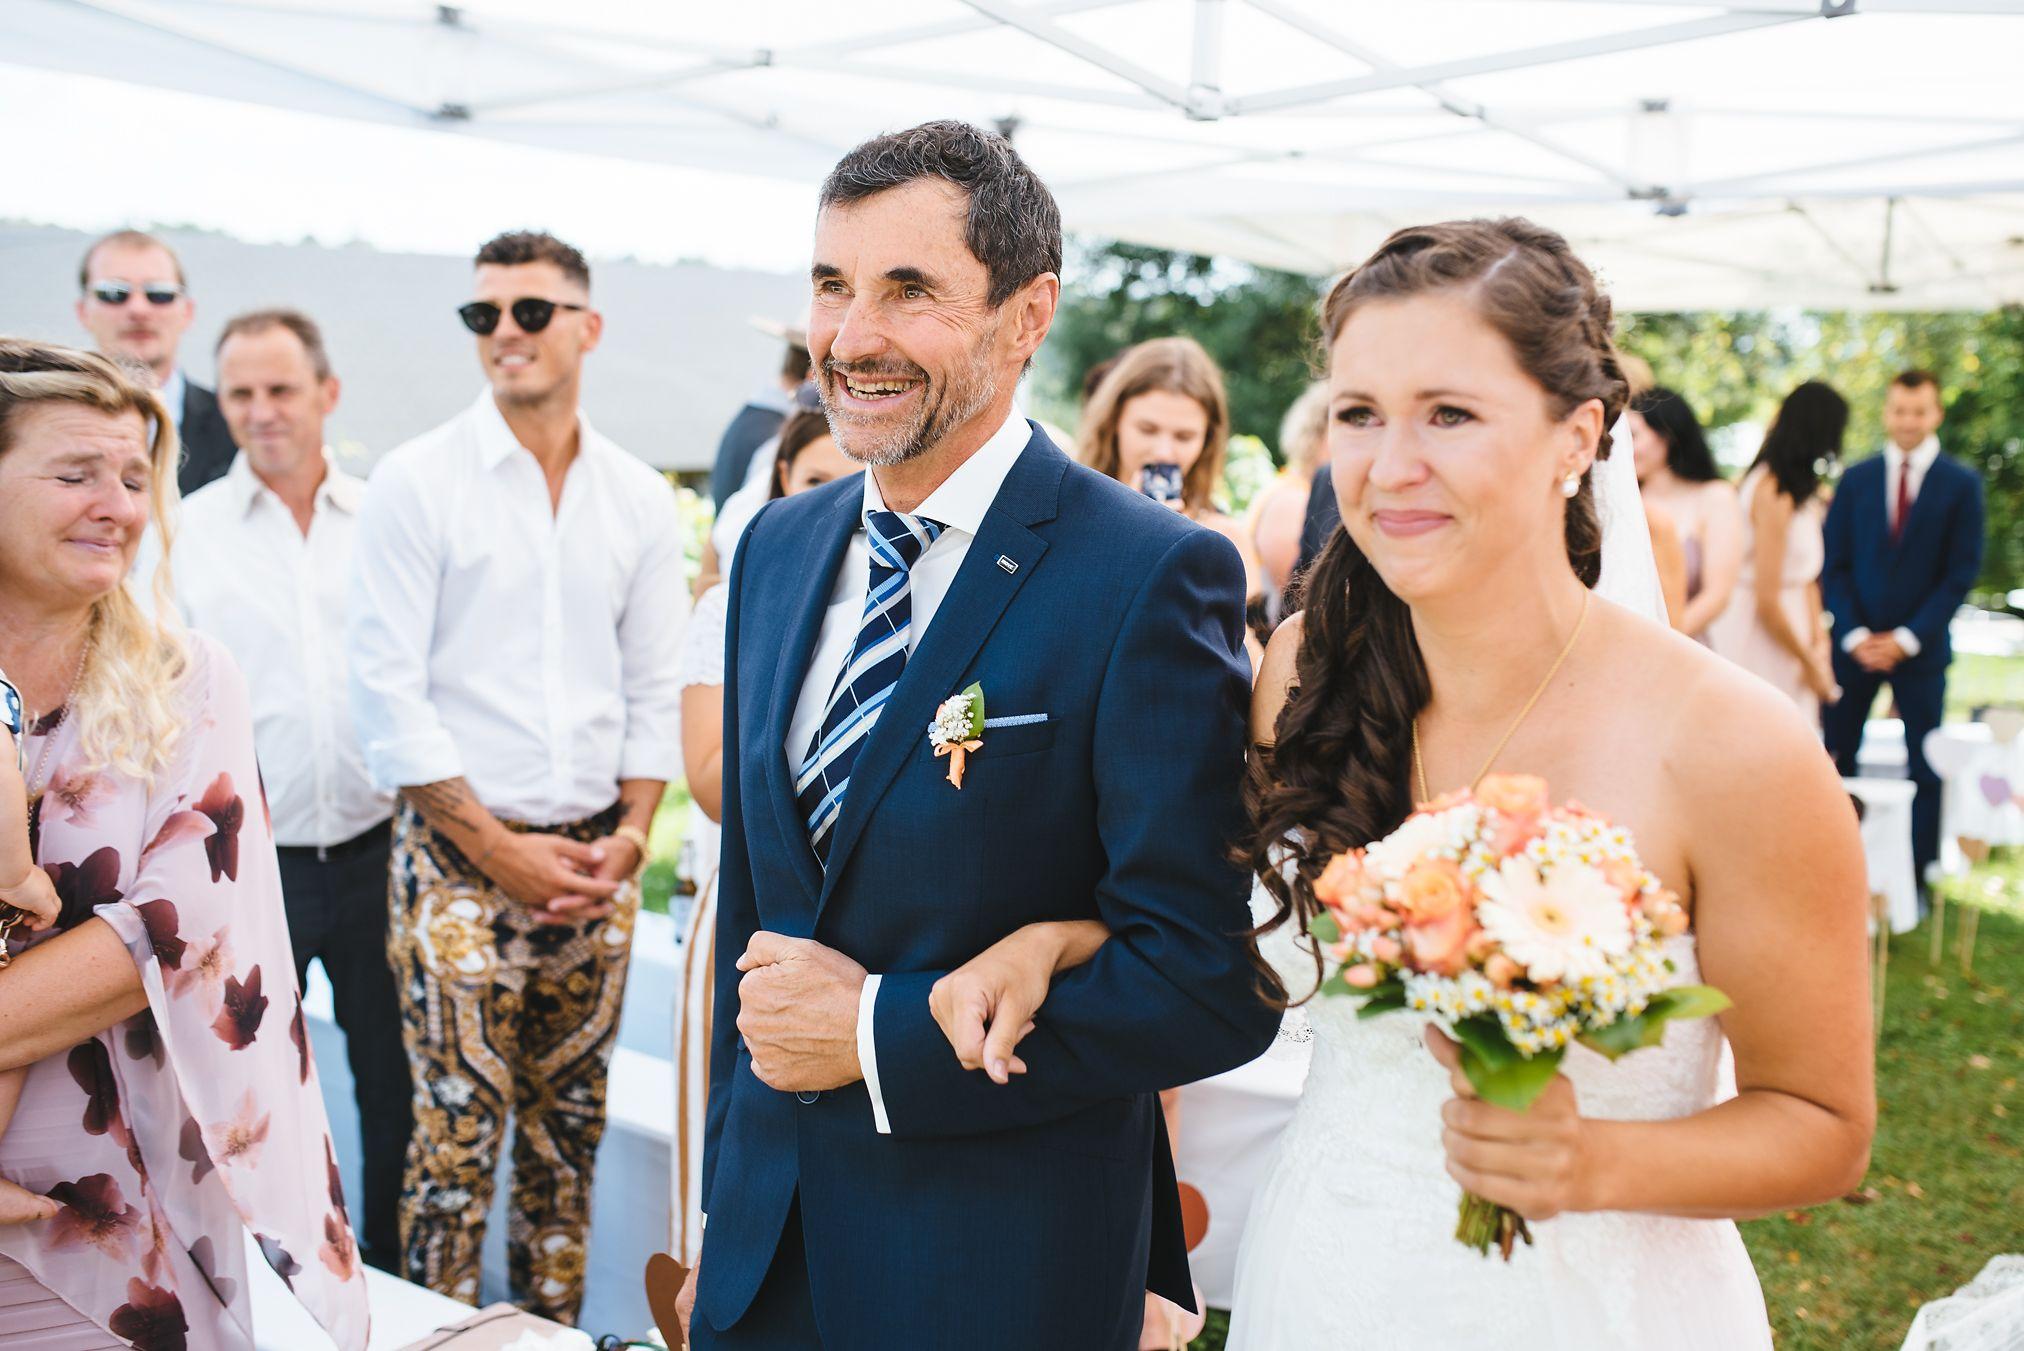 Hochzeit-Traeumerei-21.jpg